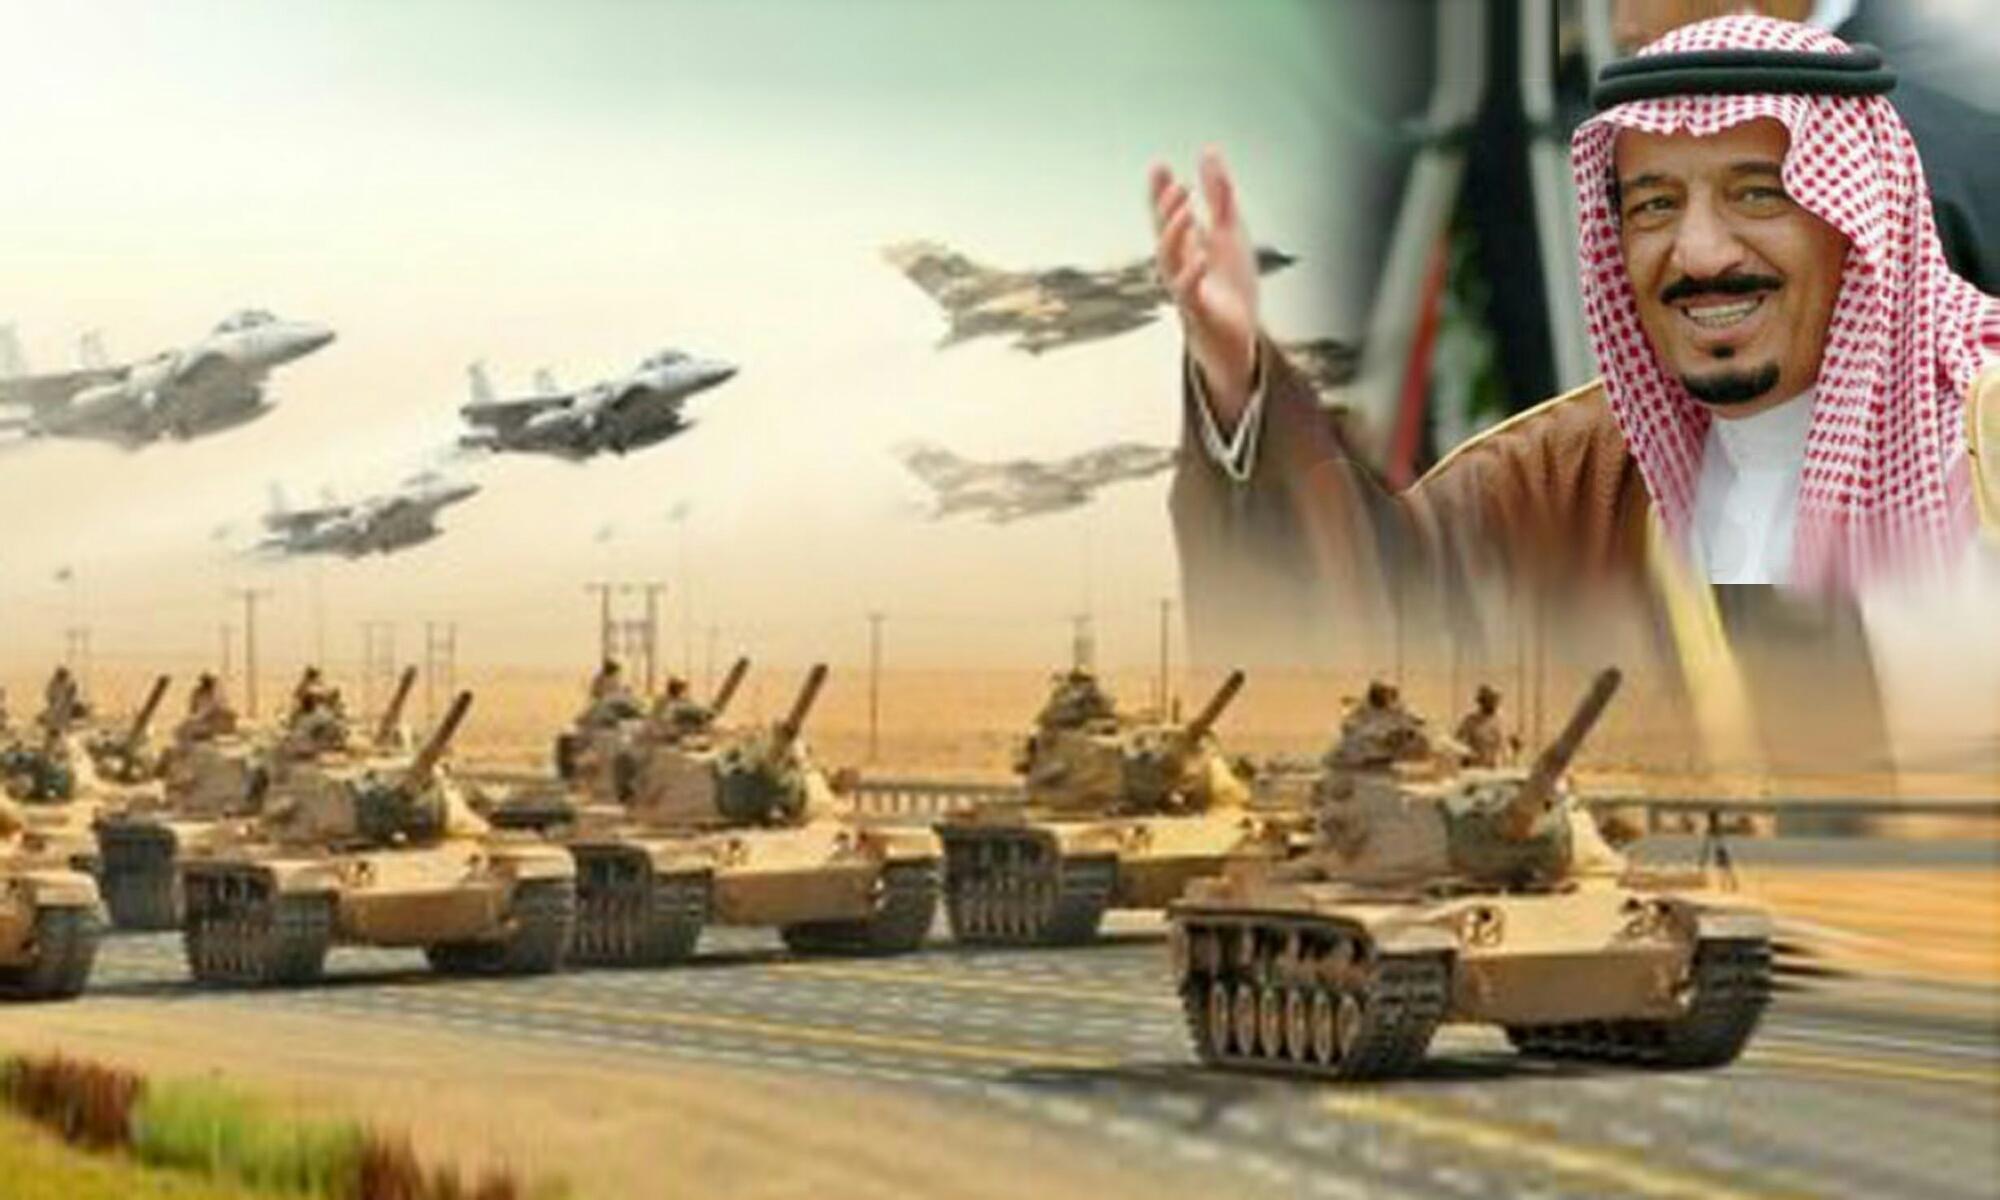 المملكة مستعدة للمشاركة في معركة الرقة في سوريا و هذا عدم سبب دخول العراق